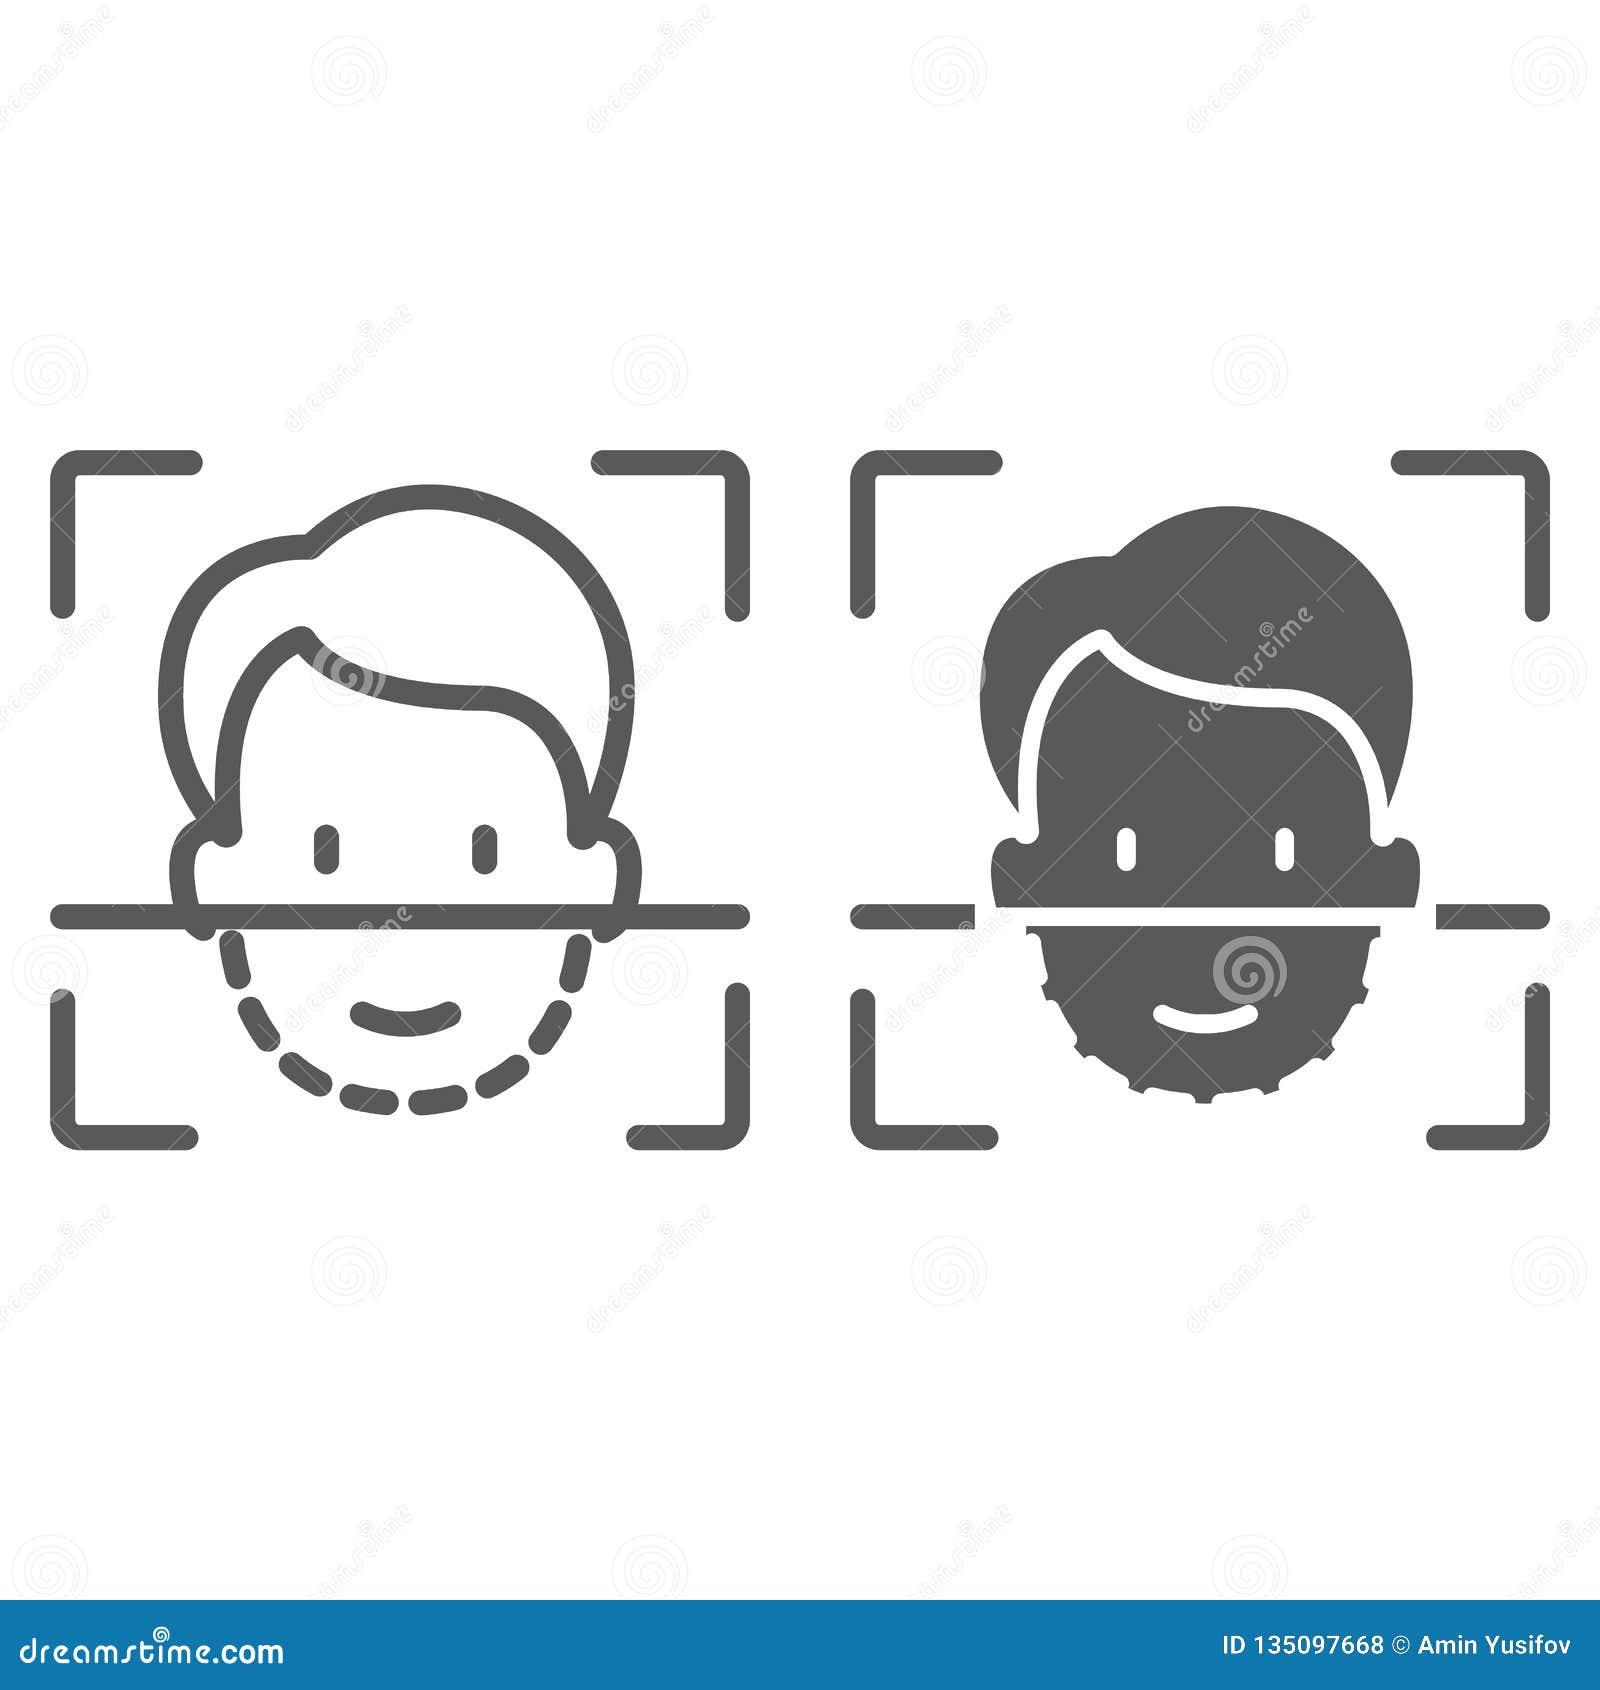 Γραμμή ταυτότητας προσώπου και glyph εικονίδιο, αναγνώριση προσώπου και προσδιορισμός προσώπου, σημάδι ανίχνευσης προσώπου, διανυ